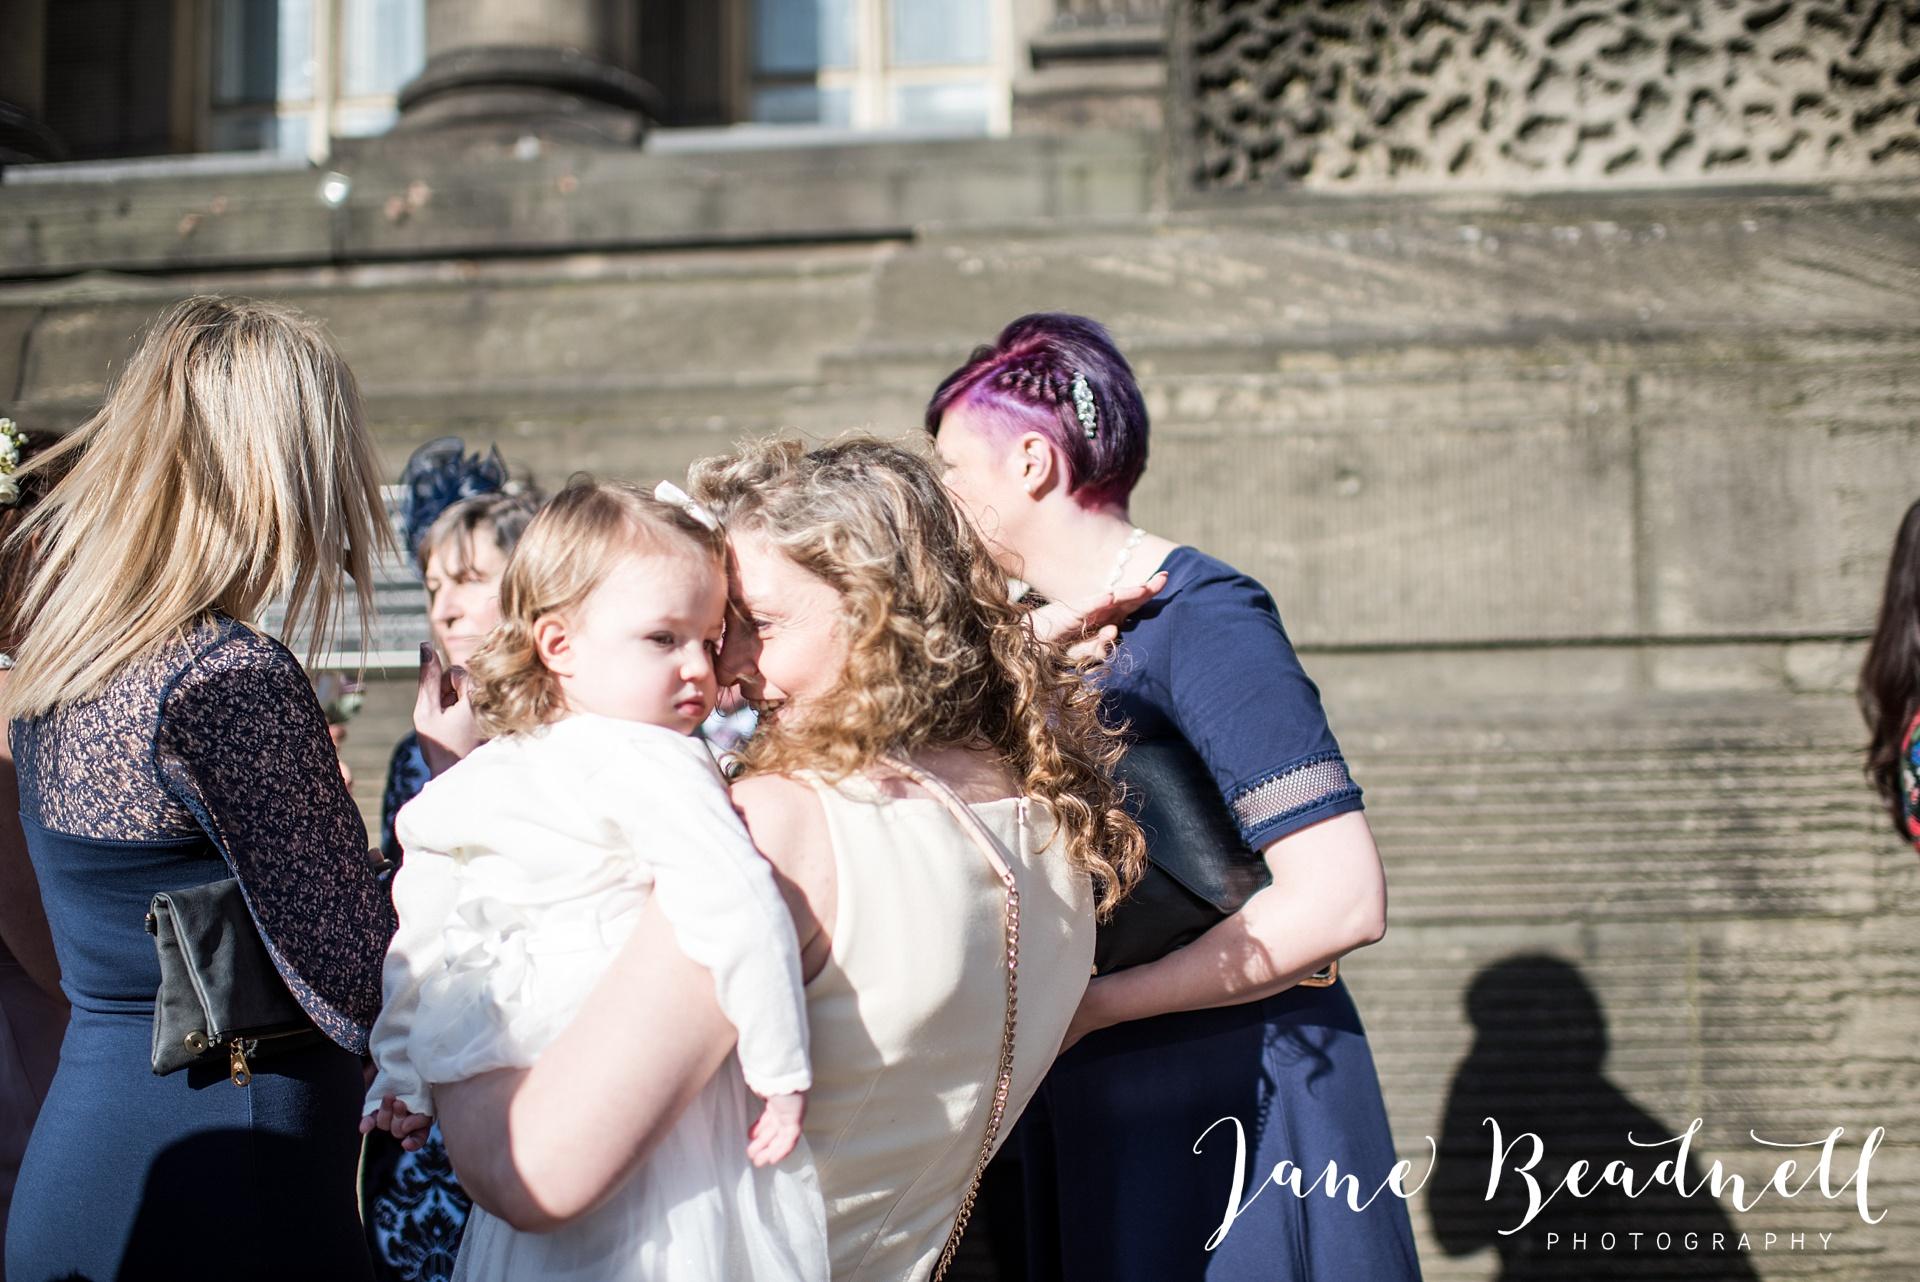 Wedding photography Cross Keys Leeds Wedding Jane Beadnell Photography_0014